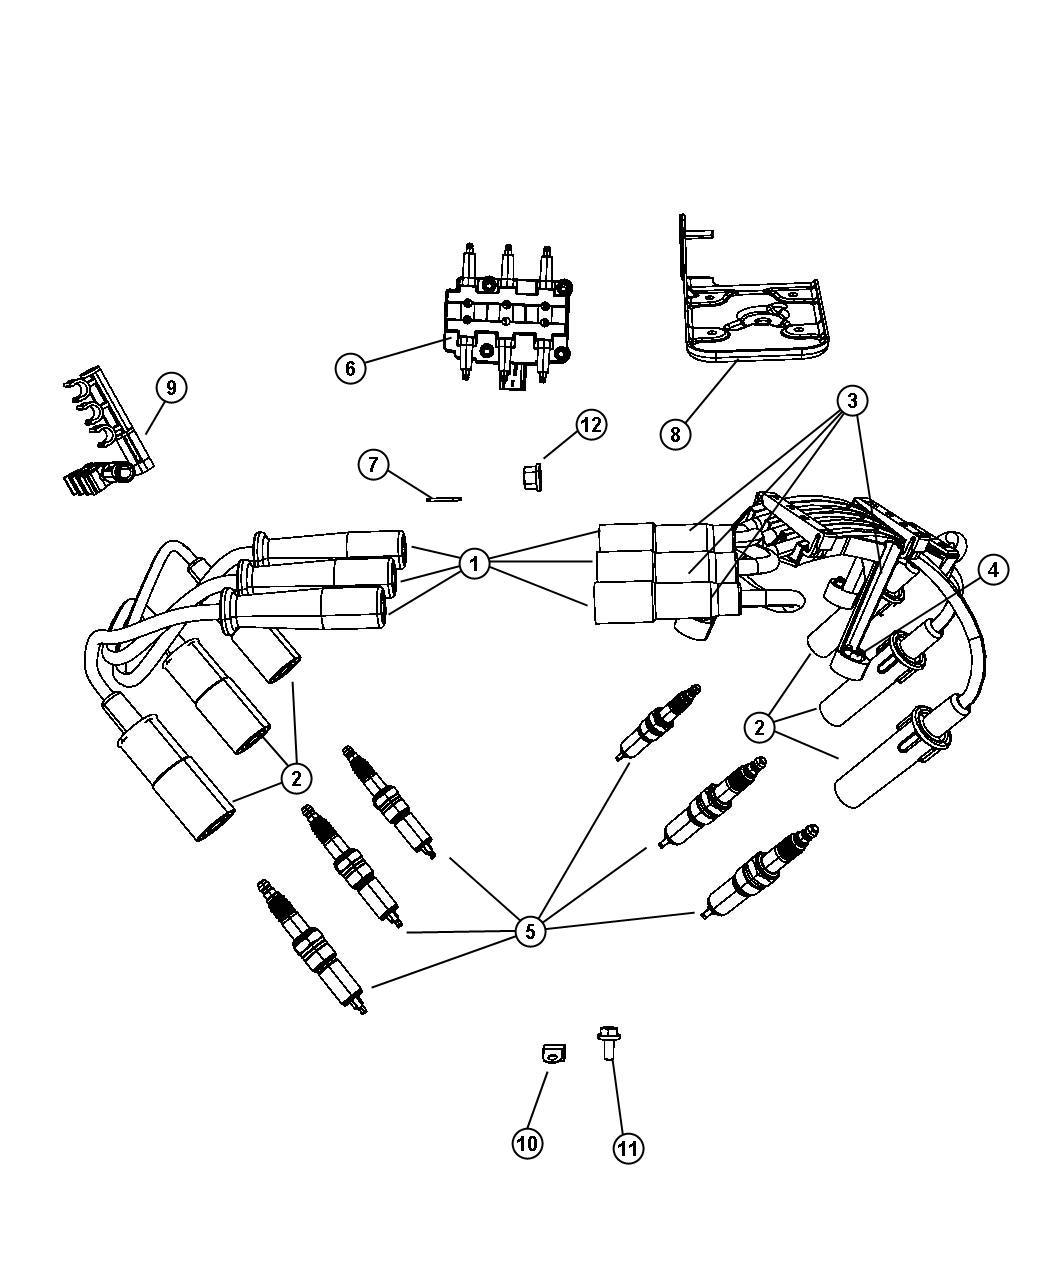 chrysler voyager spark plug plugs ignition cables. Black Bedroom Furniture Sets. Home Design Ideas